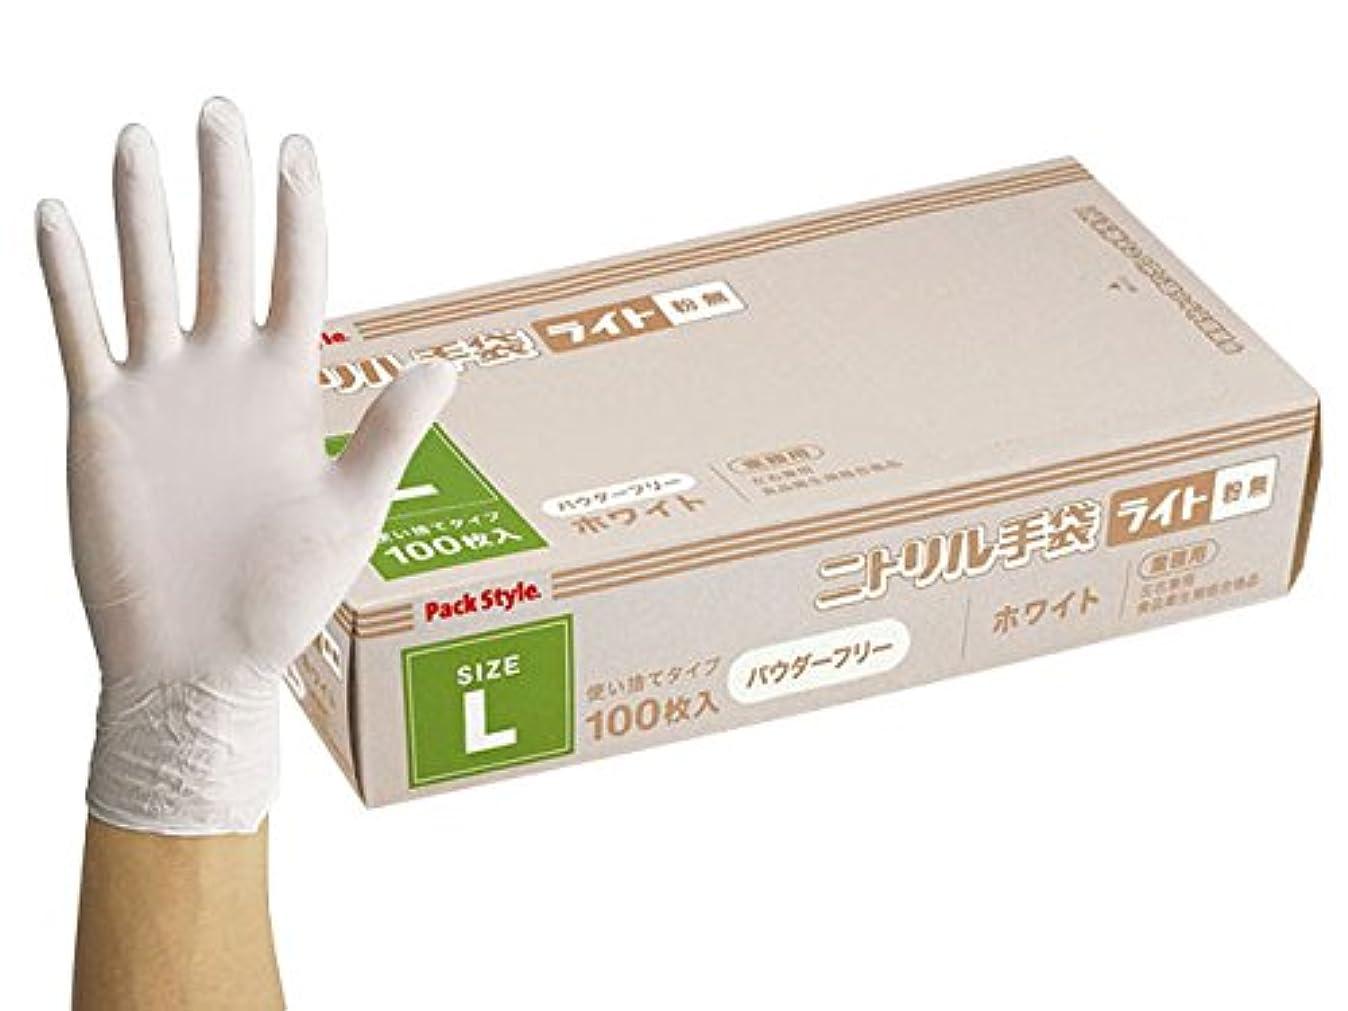 電話に出るひいきにする出費パックスタイル 業務用 使い捨て ニトリル手袋 ライトT 白?粉無 L 3000枚 00540456